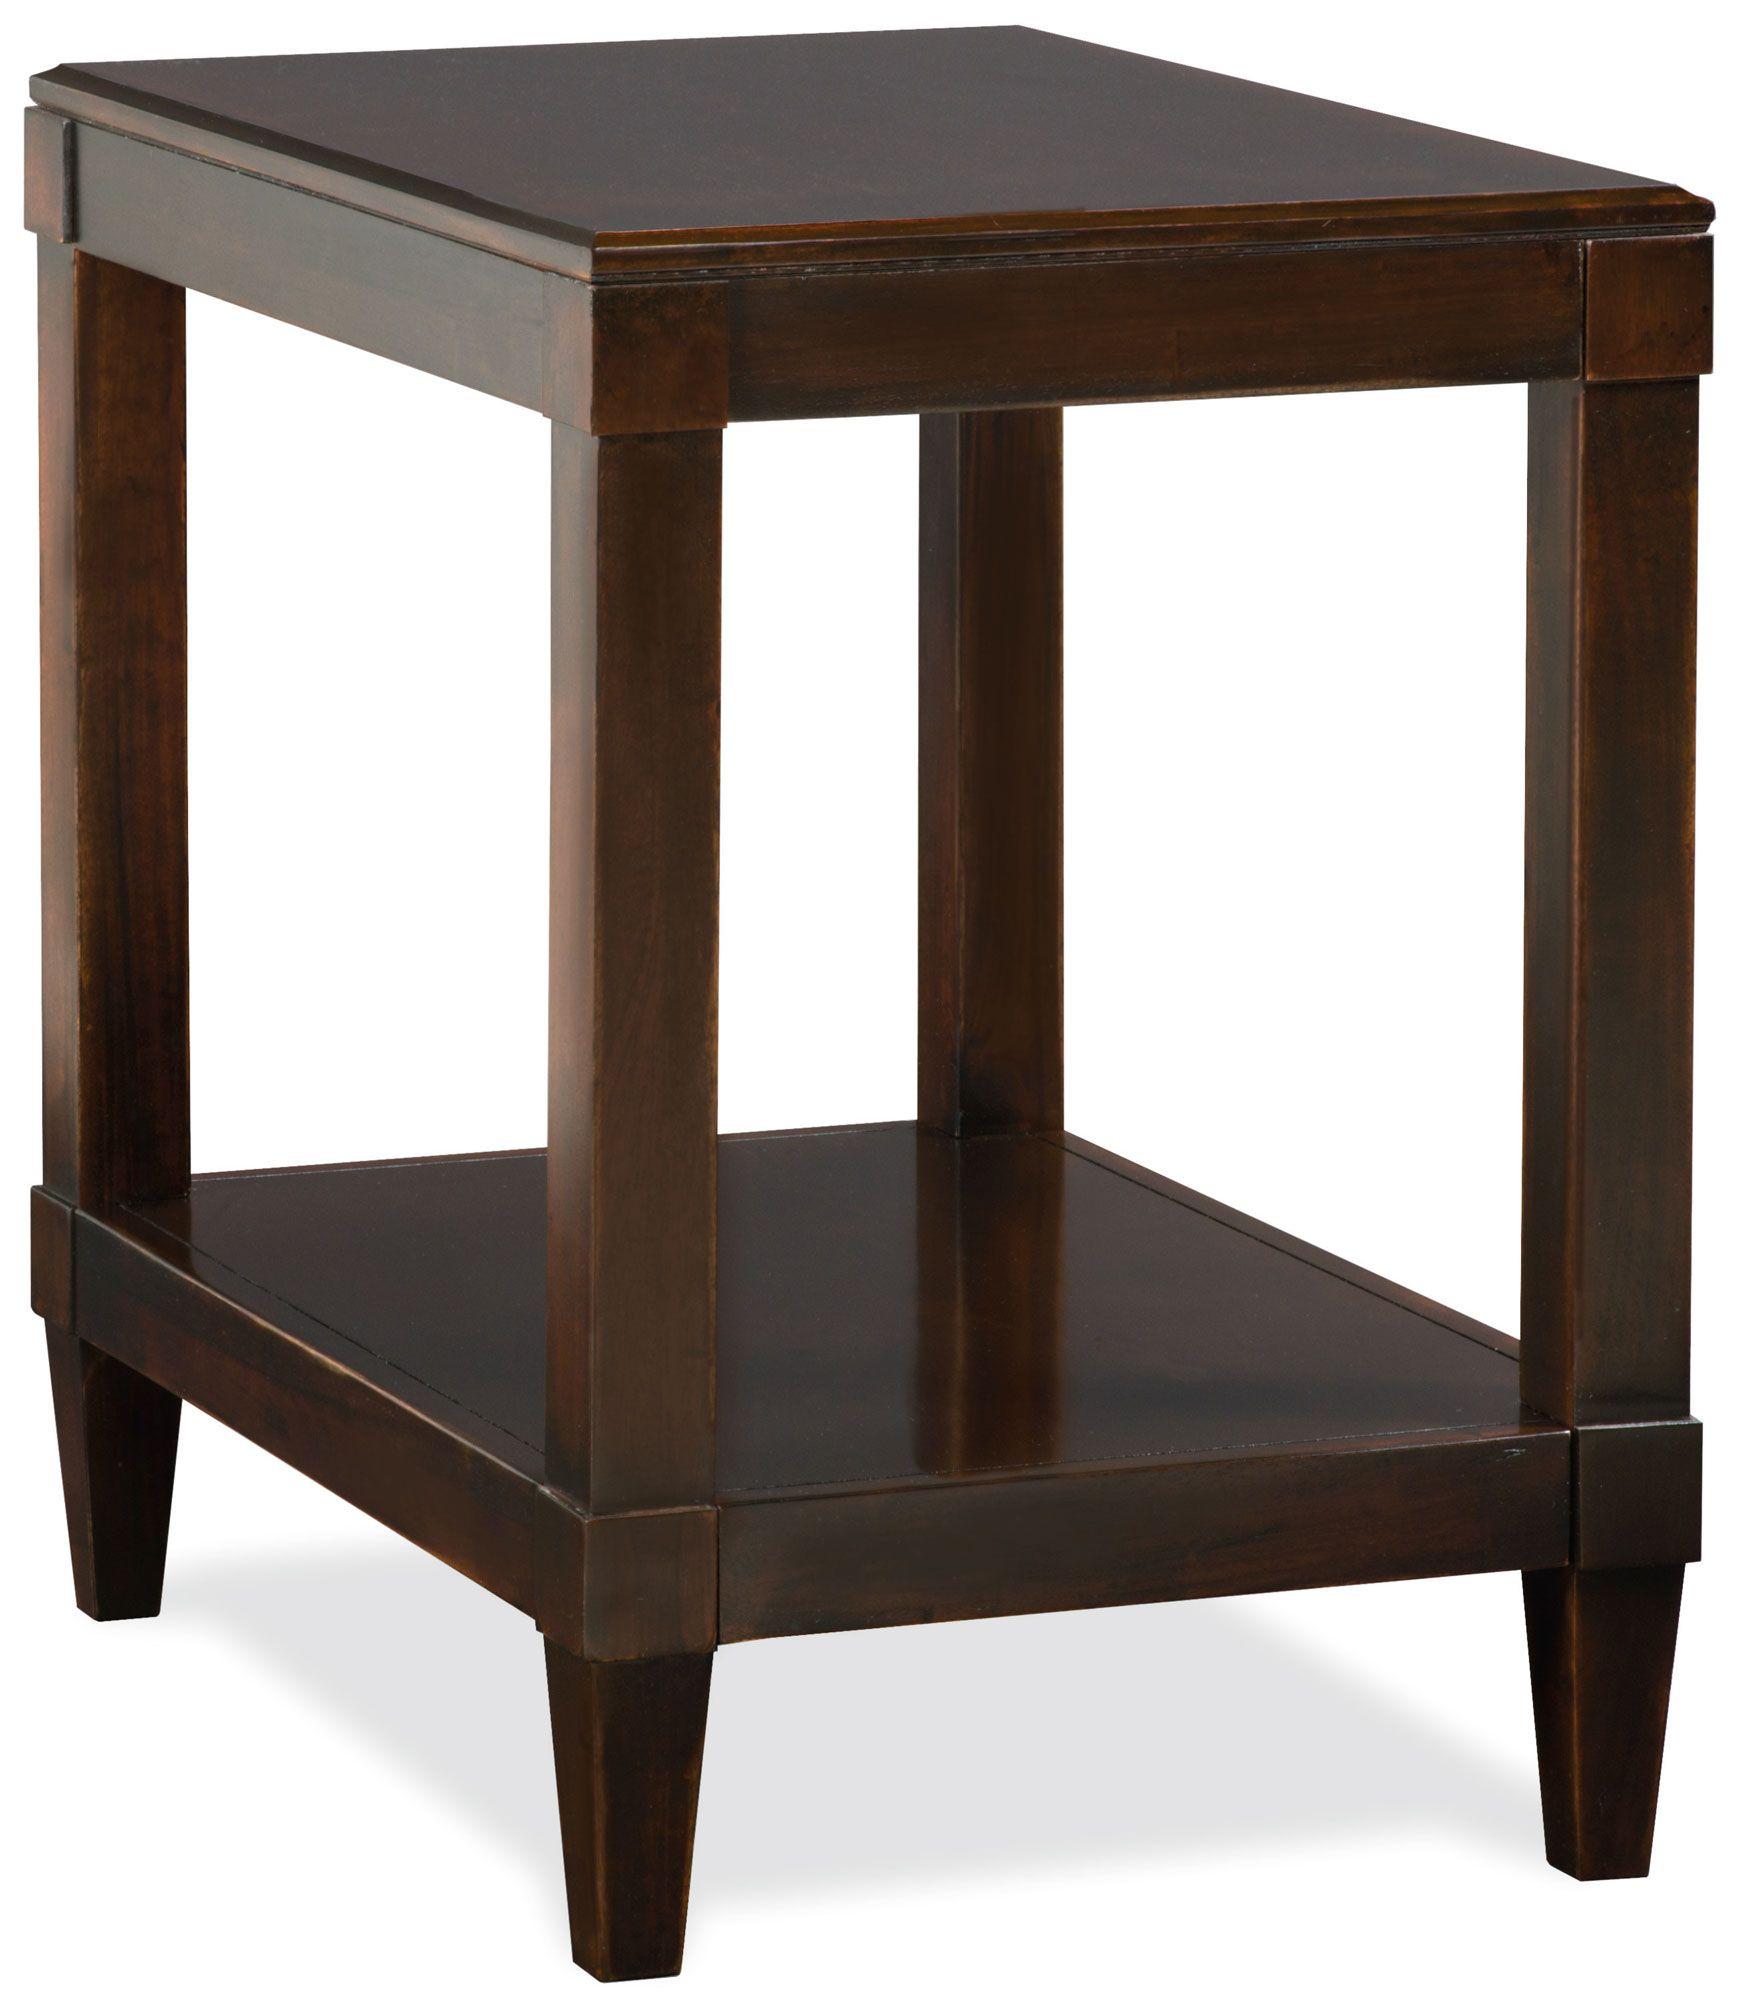 333 122 Laurel Canyon End Table | Bernhardt W 18 D 26 H 26 #